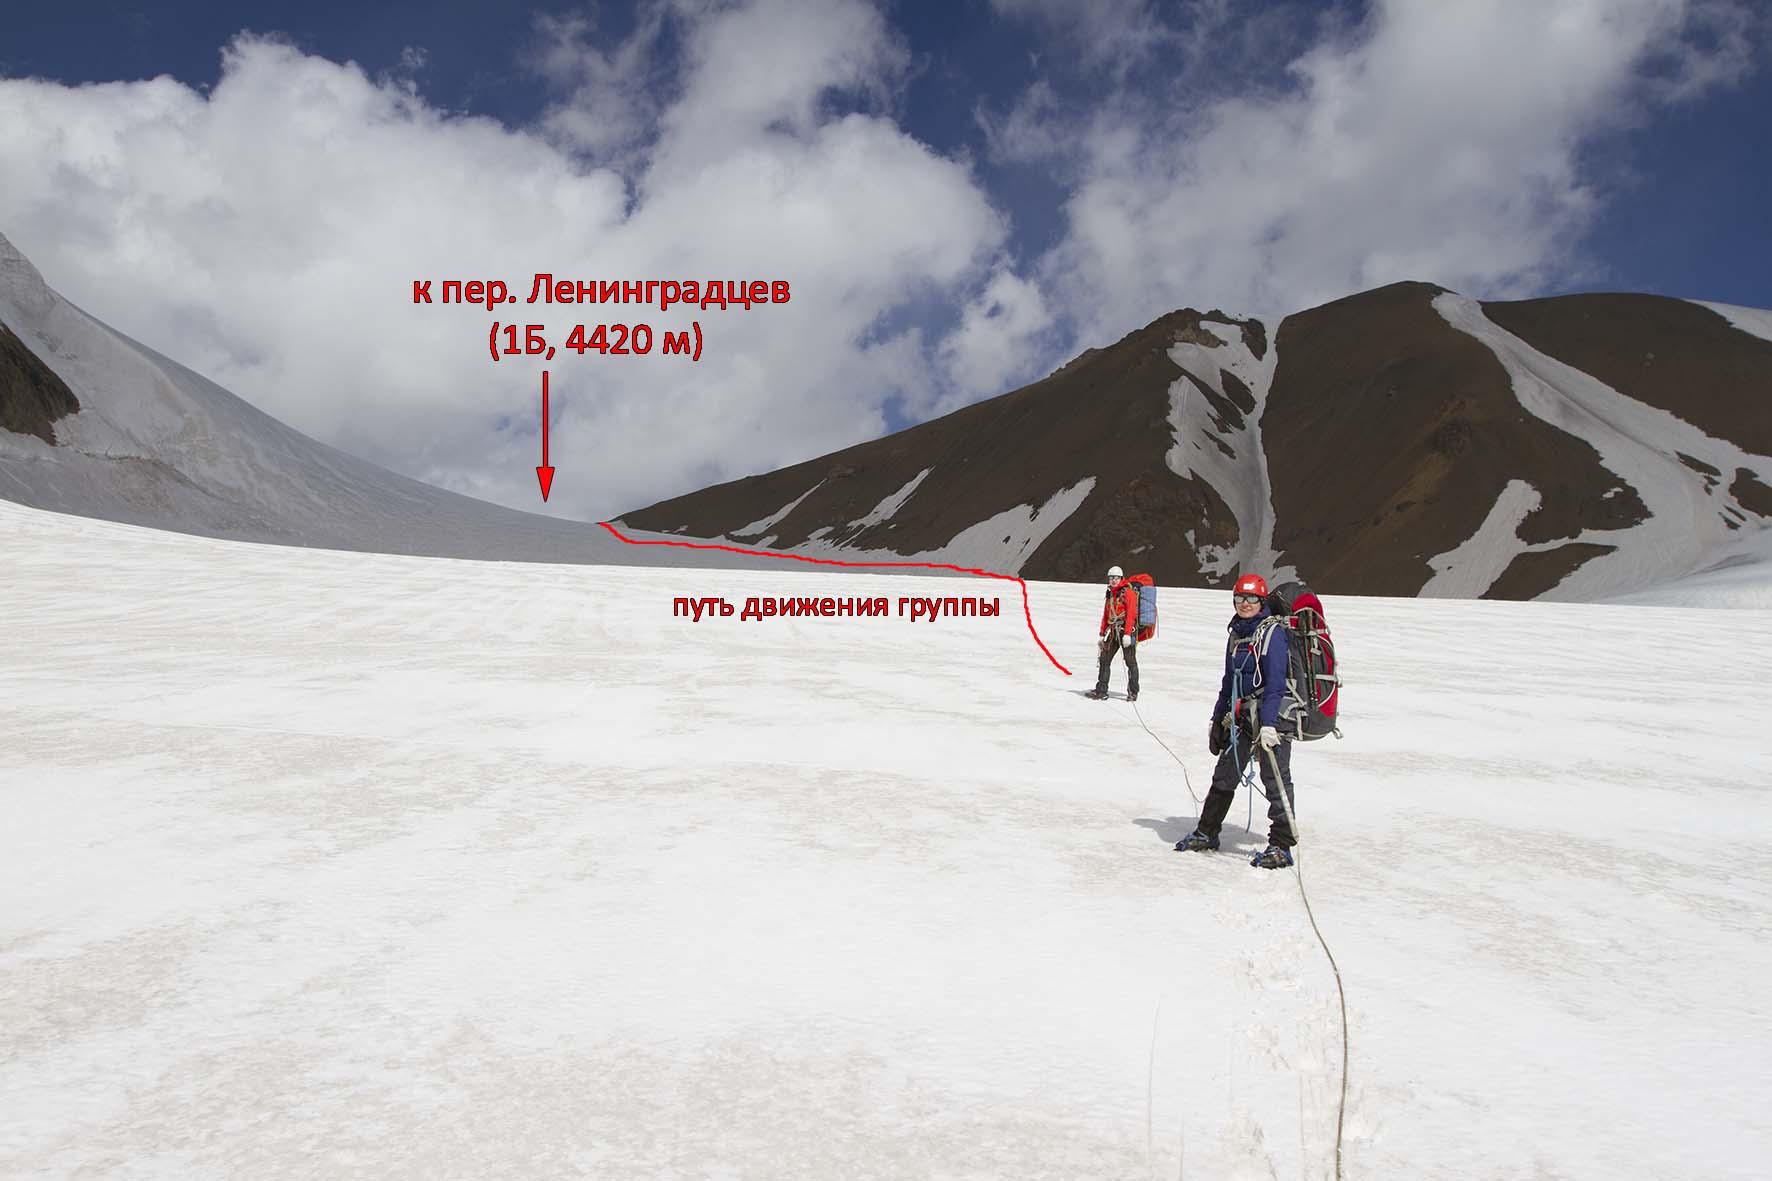 камера лед Абрамова перевала Ленинградцев